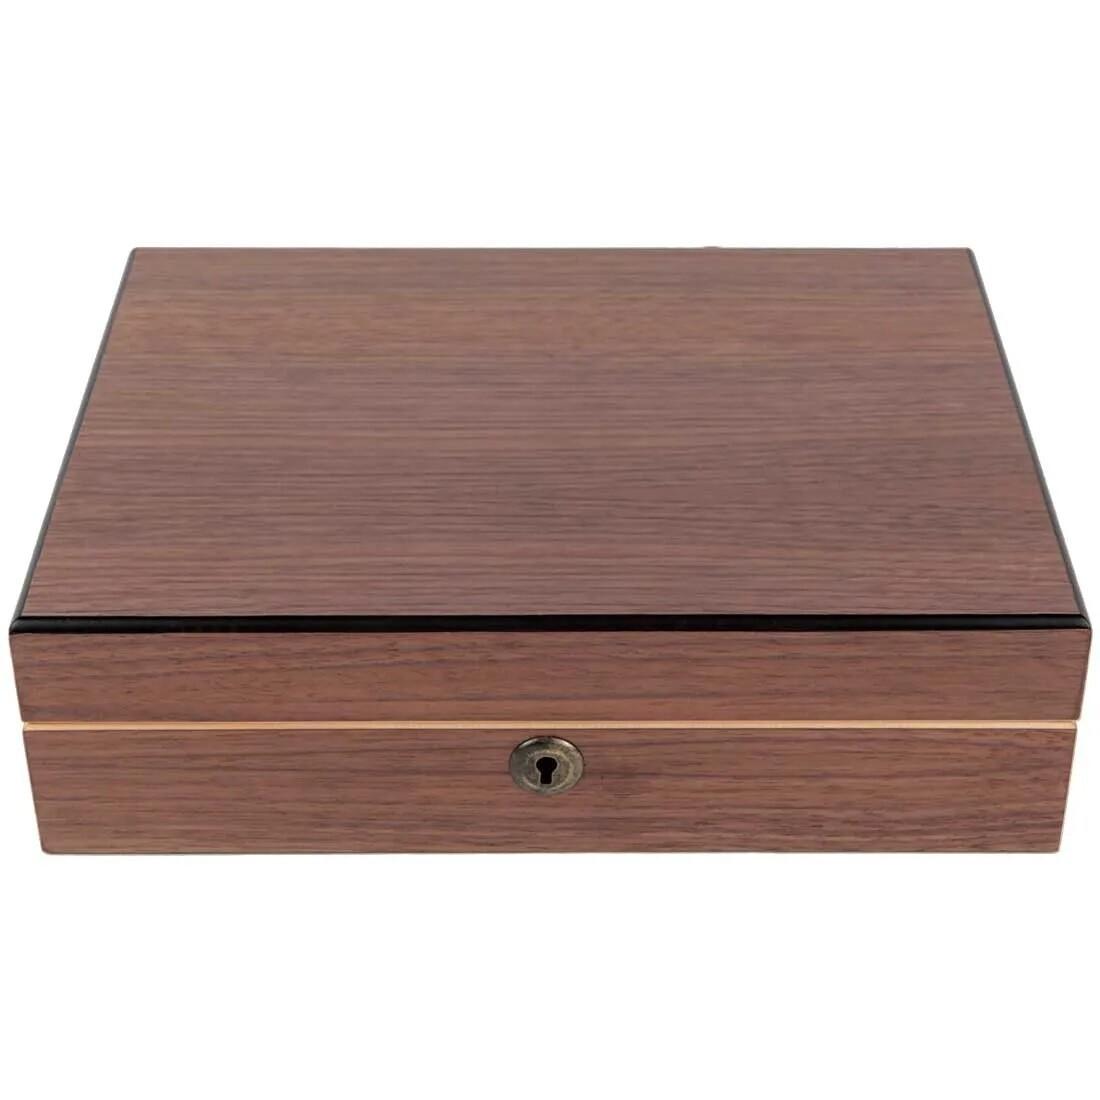 מארז מהודר עשוי עץ מלא עם תאי חלוקה וקופסא לאיסוף אבקנים RYOT